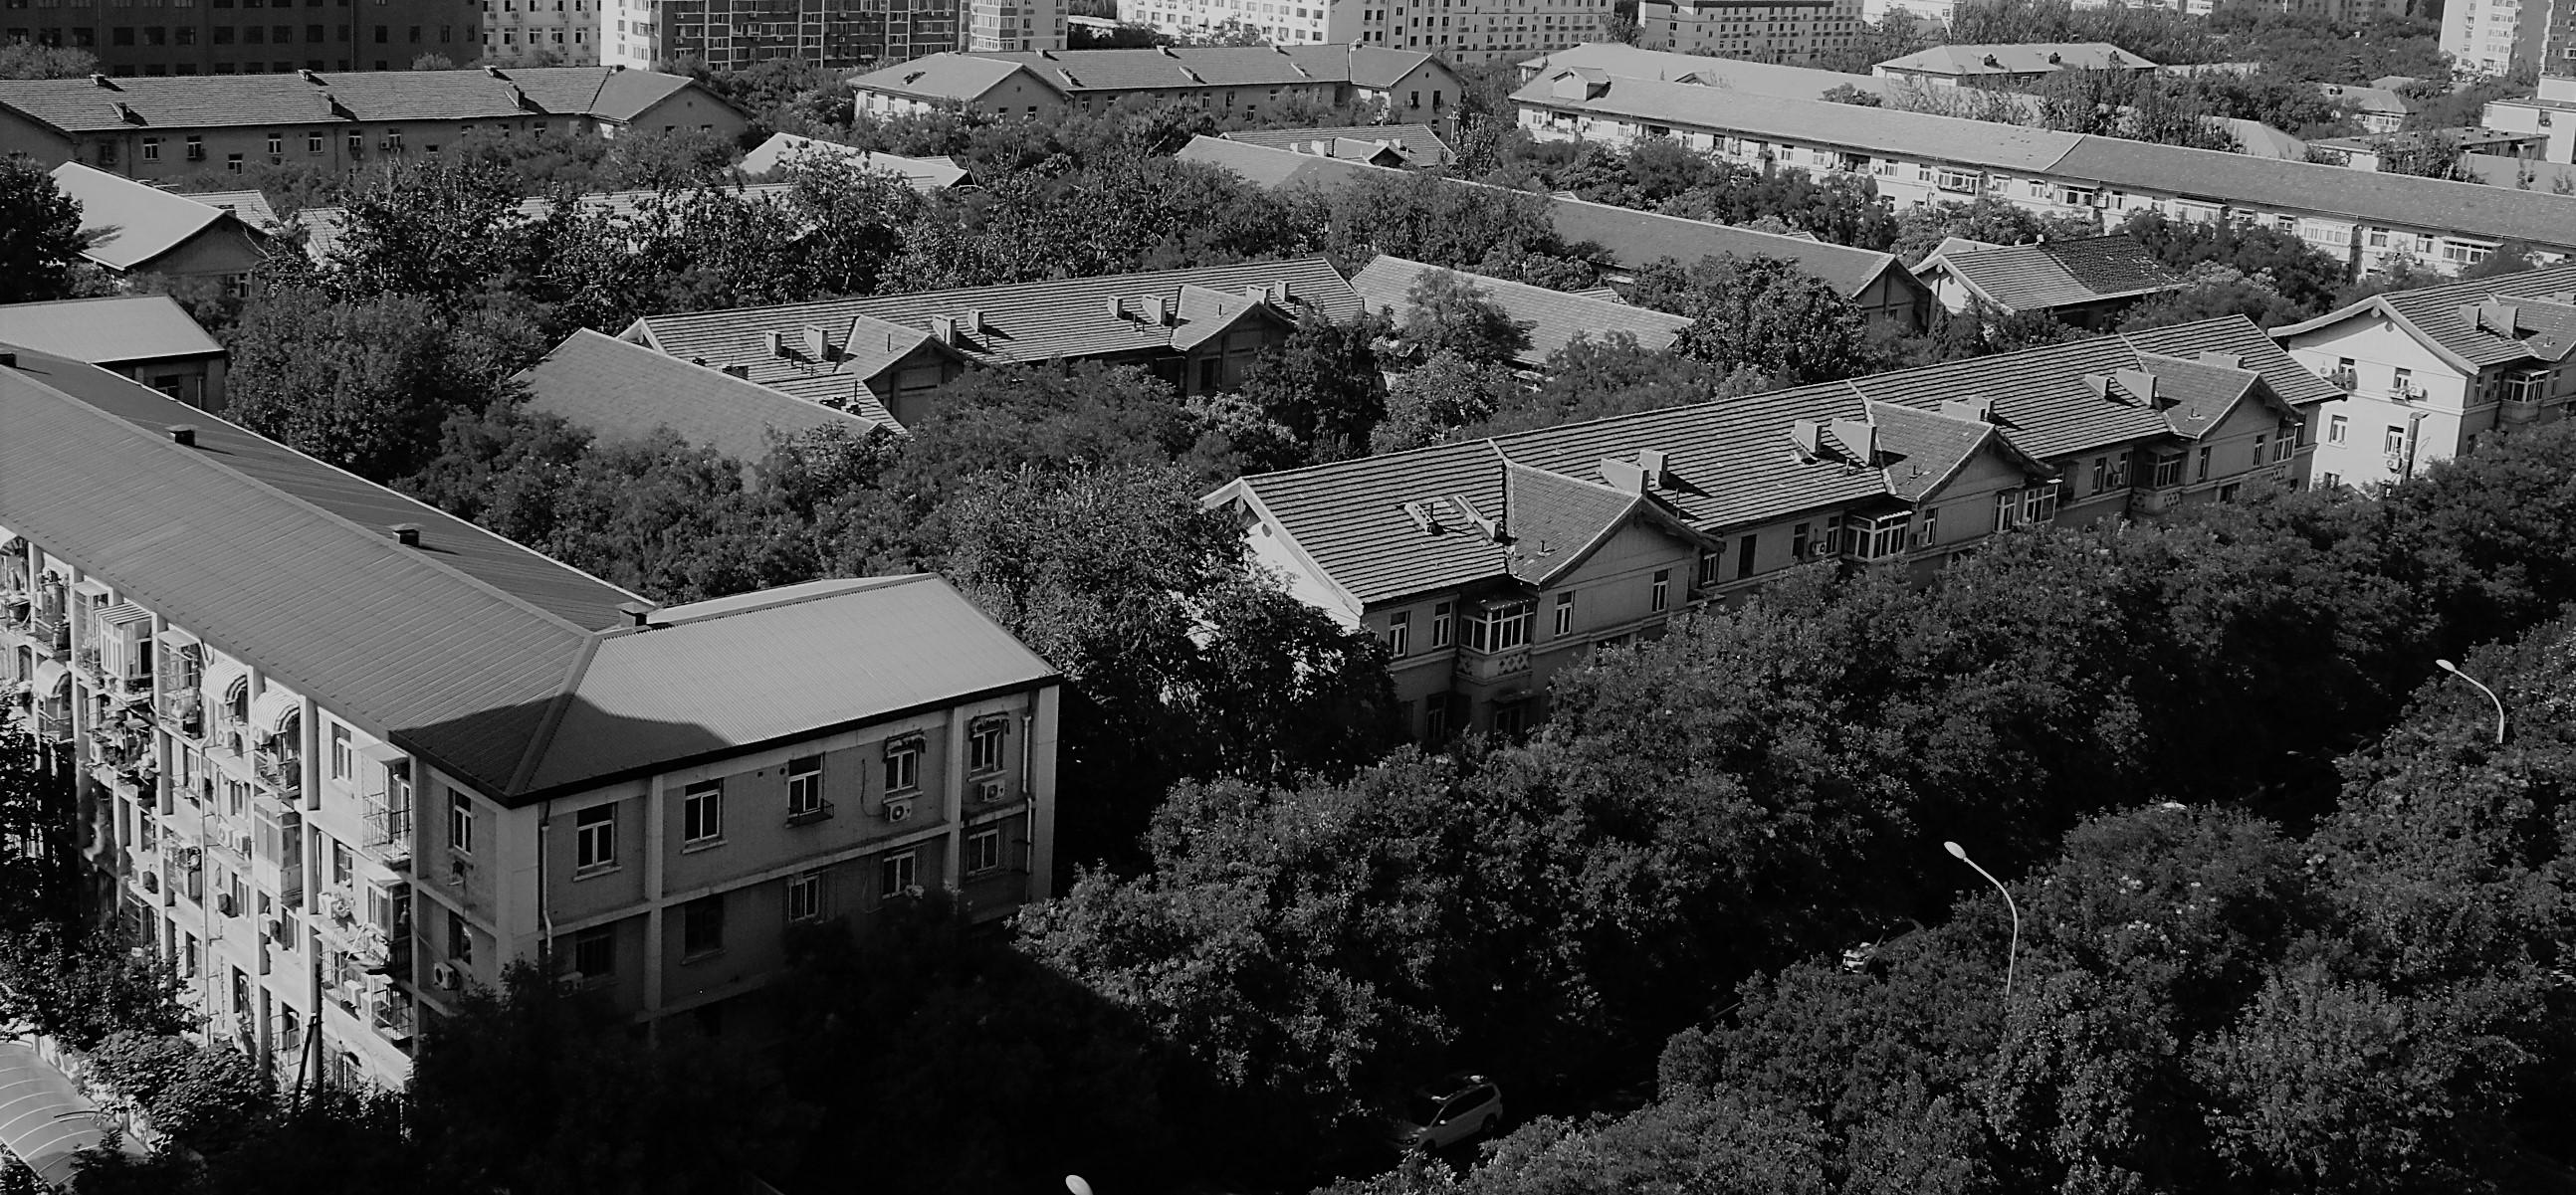 一張黑白照片,是從高處俯瞰北京西城區西邊門外國務院宿舍。外面一圈四層樓房,裡面一圈三層樓房,綠樹成蔭。